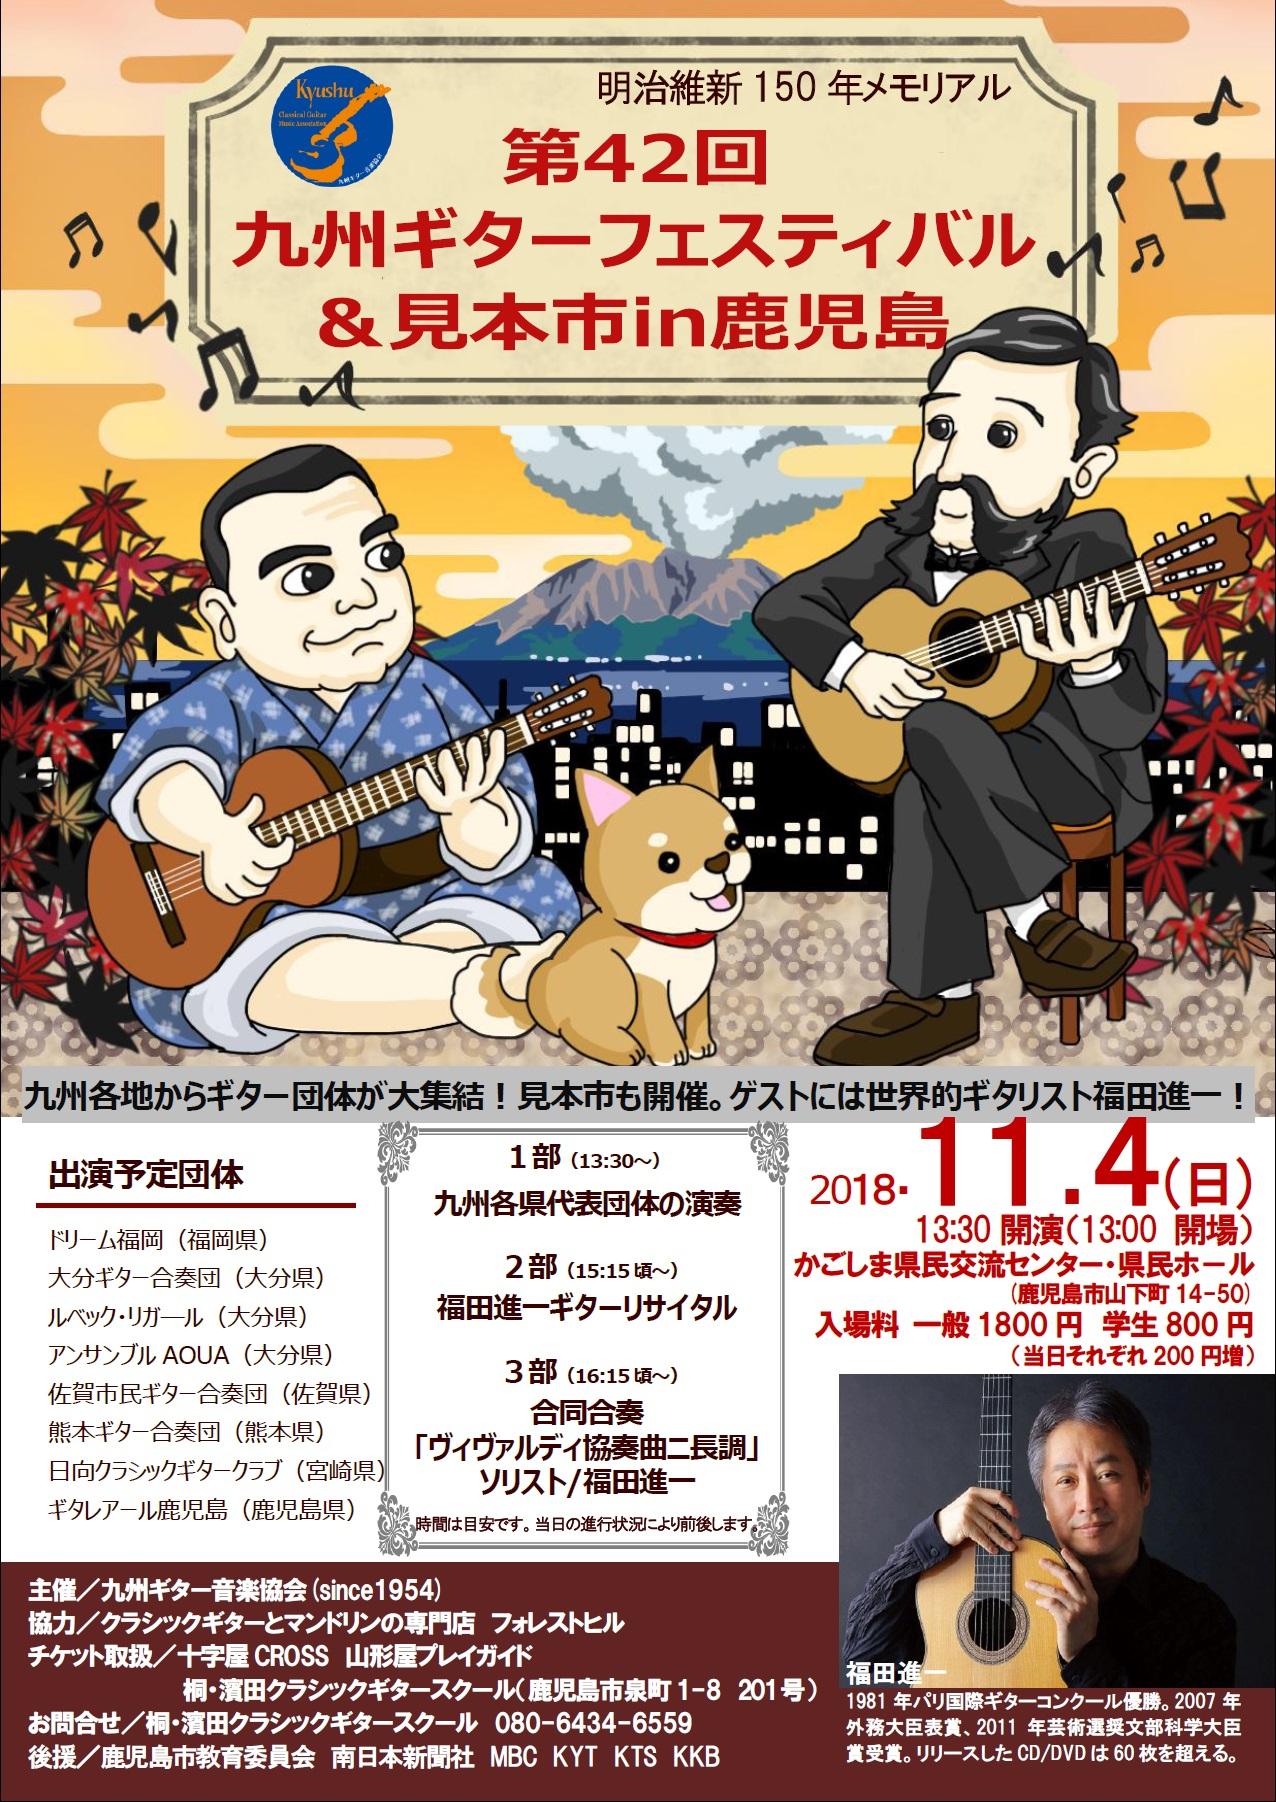 第42回九州ギターフェスティバル&見本市in鹿児島